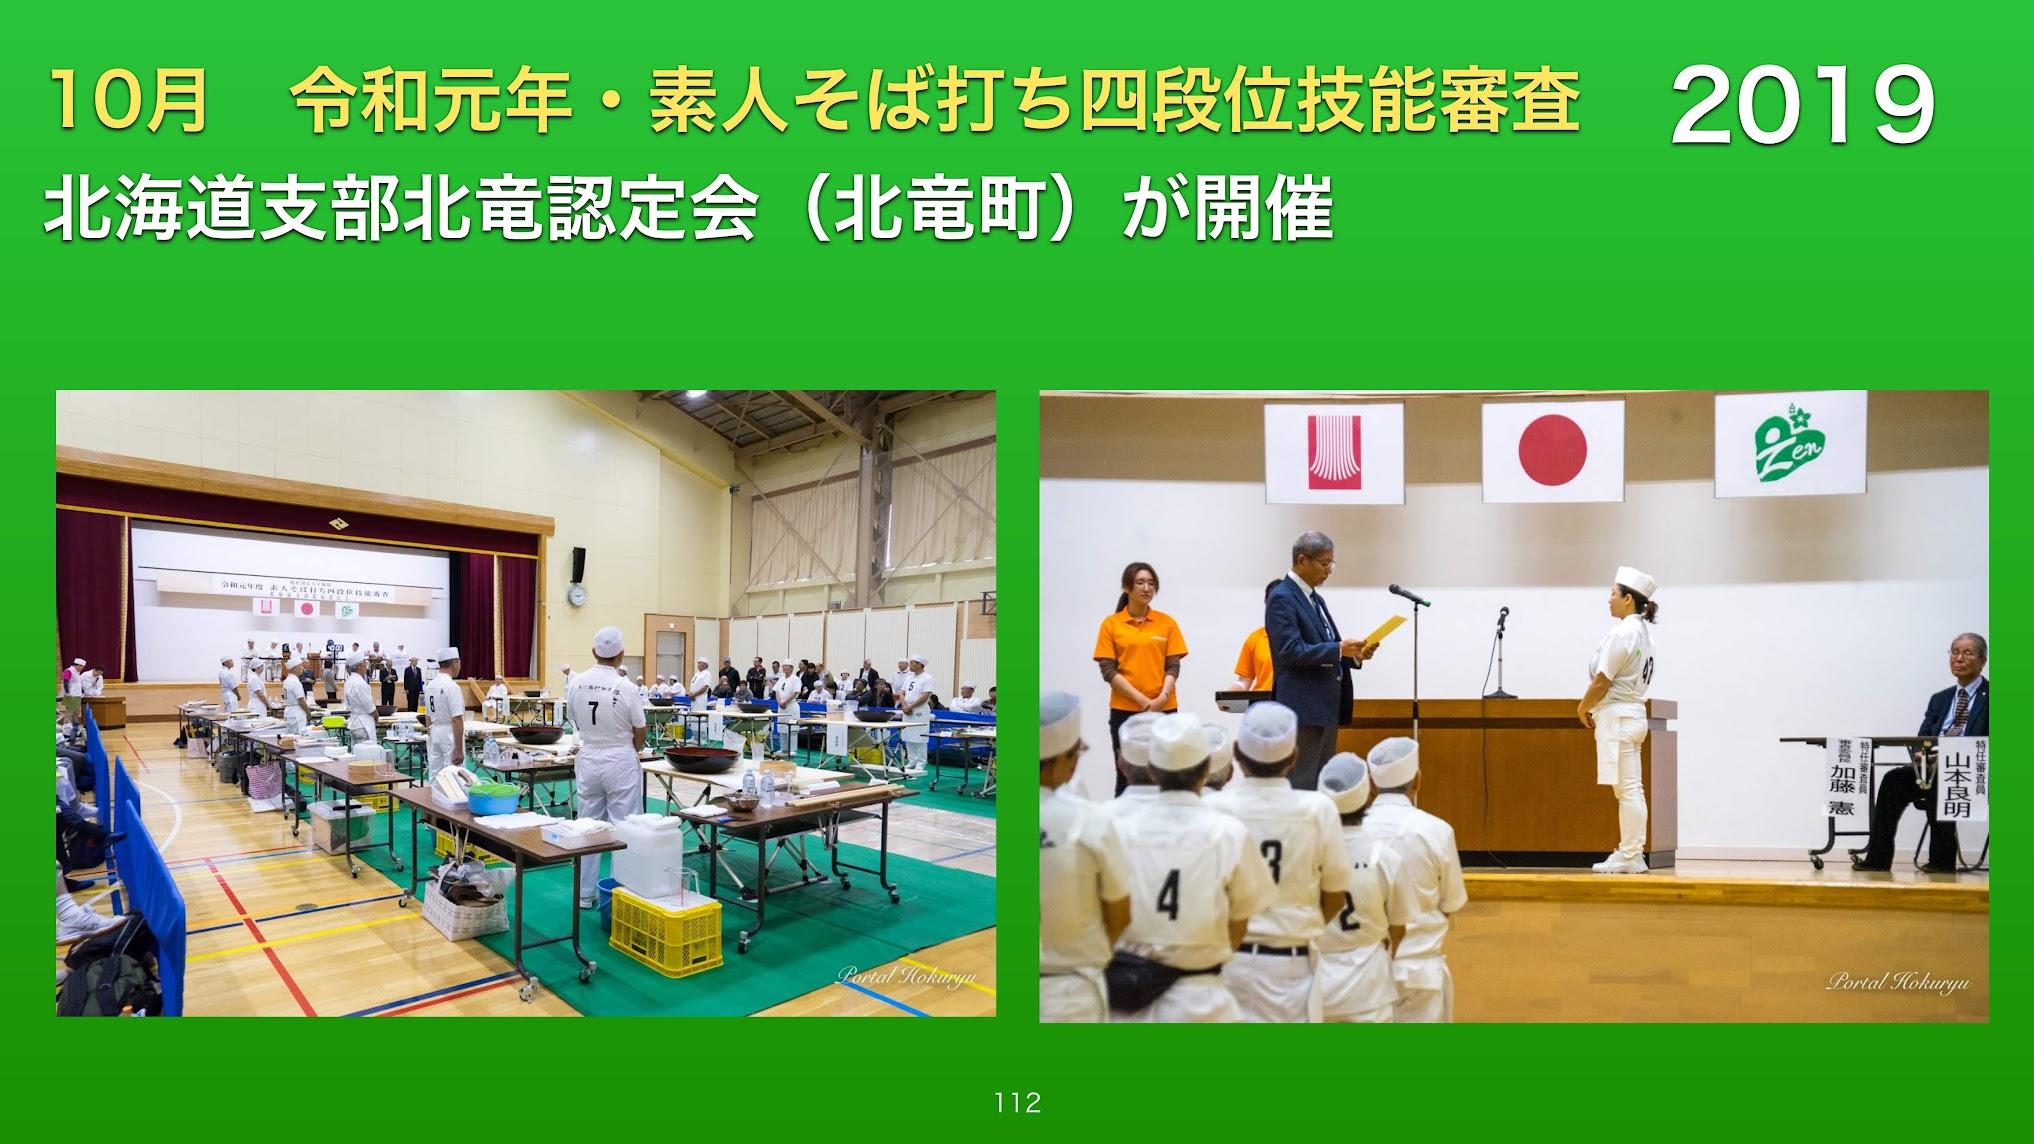 10月:令和元年・素人そば打ち四段位技能審査 in 北竜町